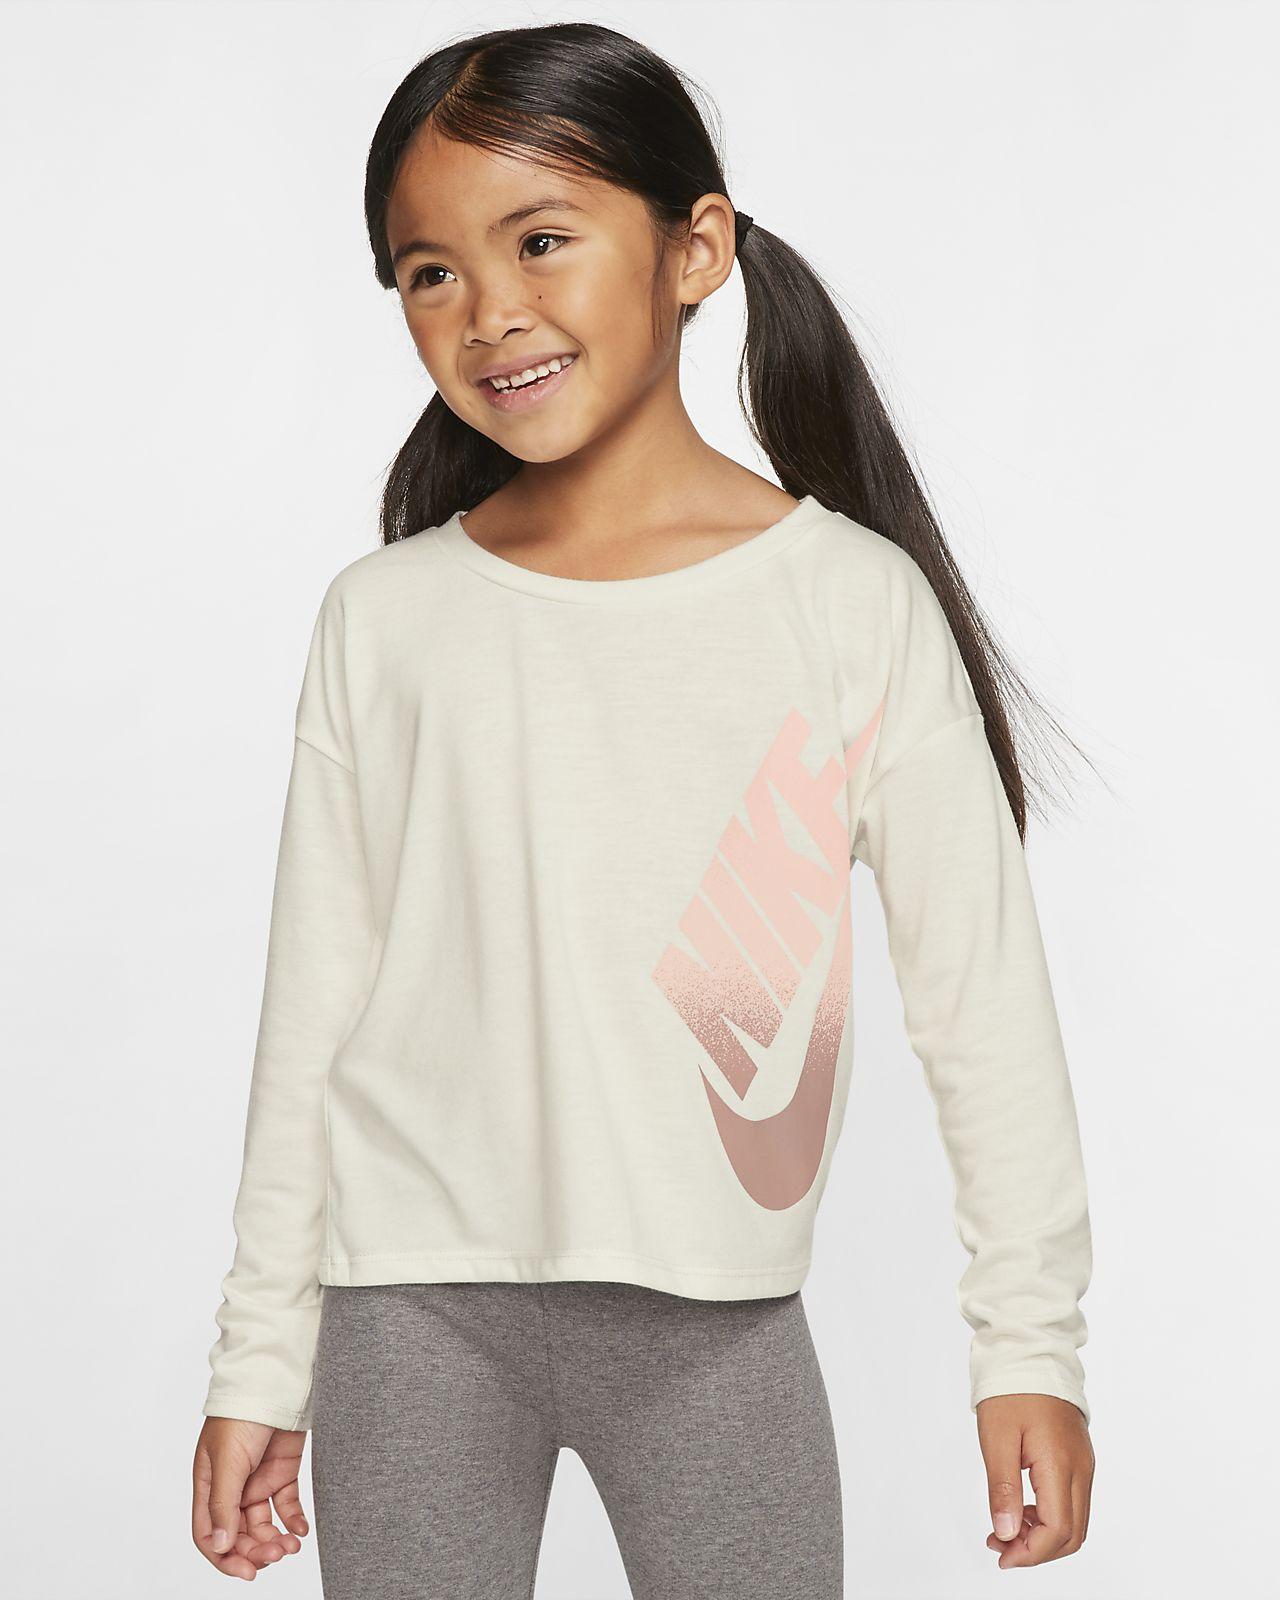 Nike Little Kids' Long-Sleeve Top